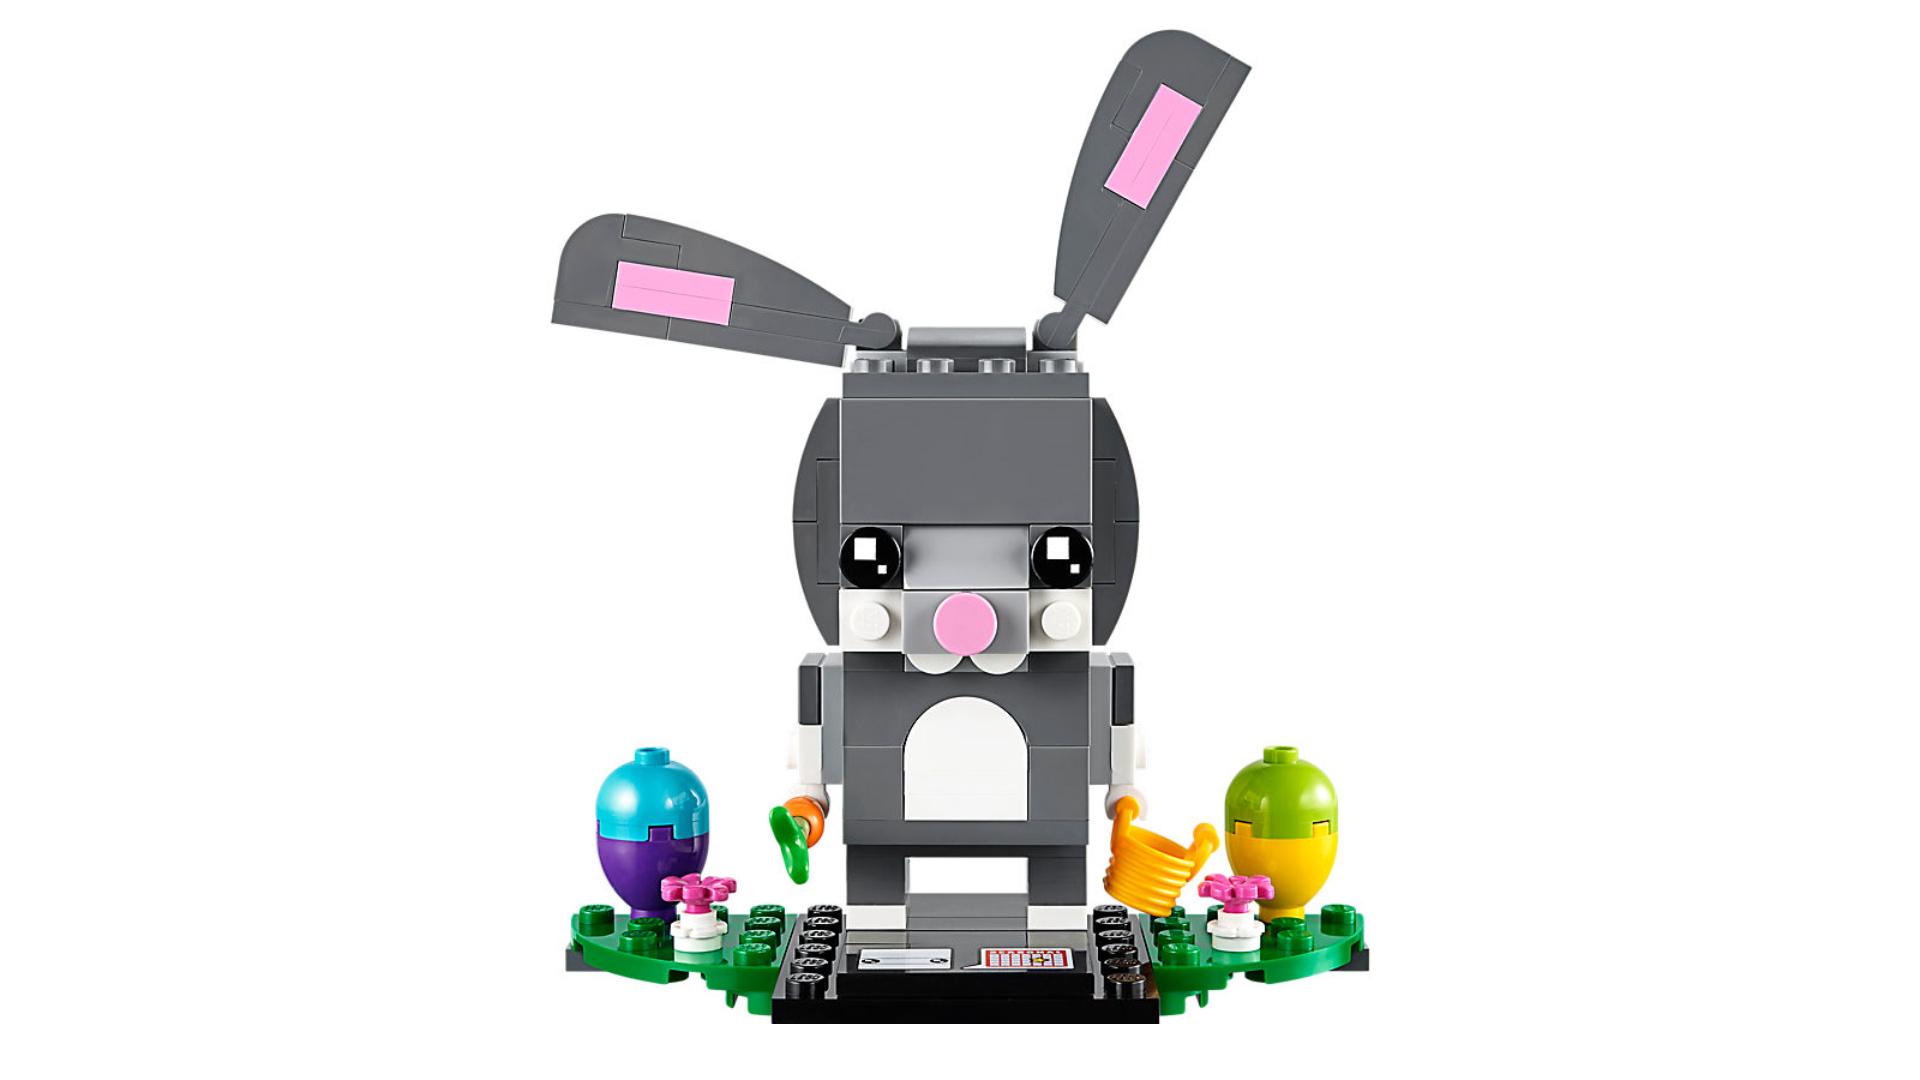 Lego brickheadz 40271 osterhase im online shop verf gbar for Lago shop online